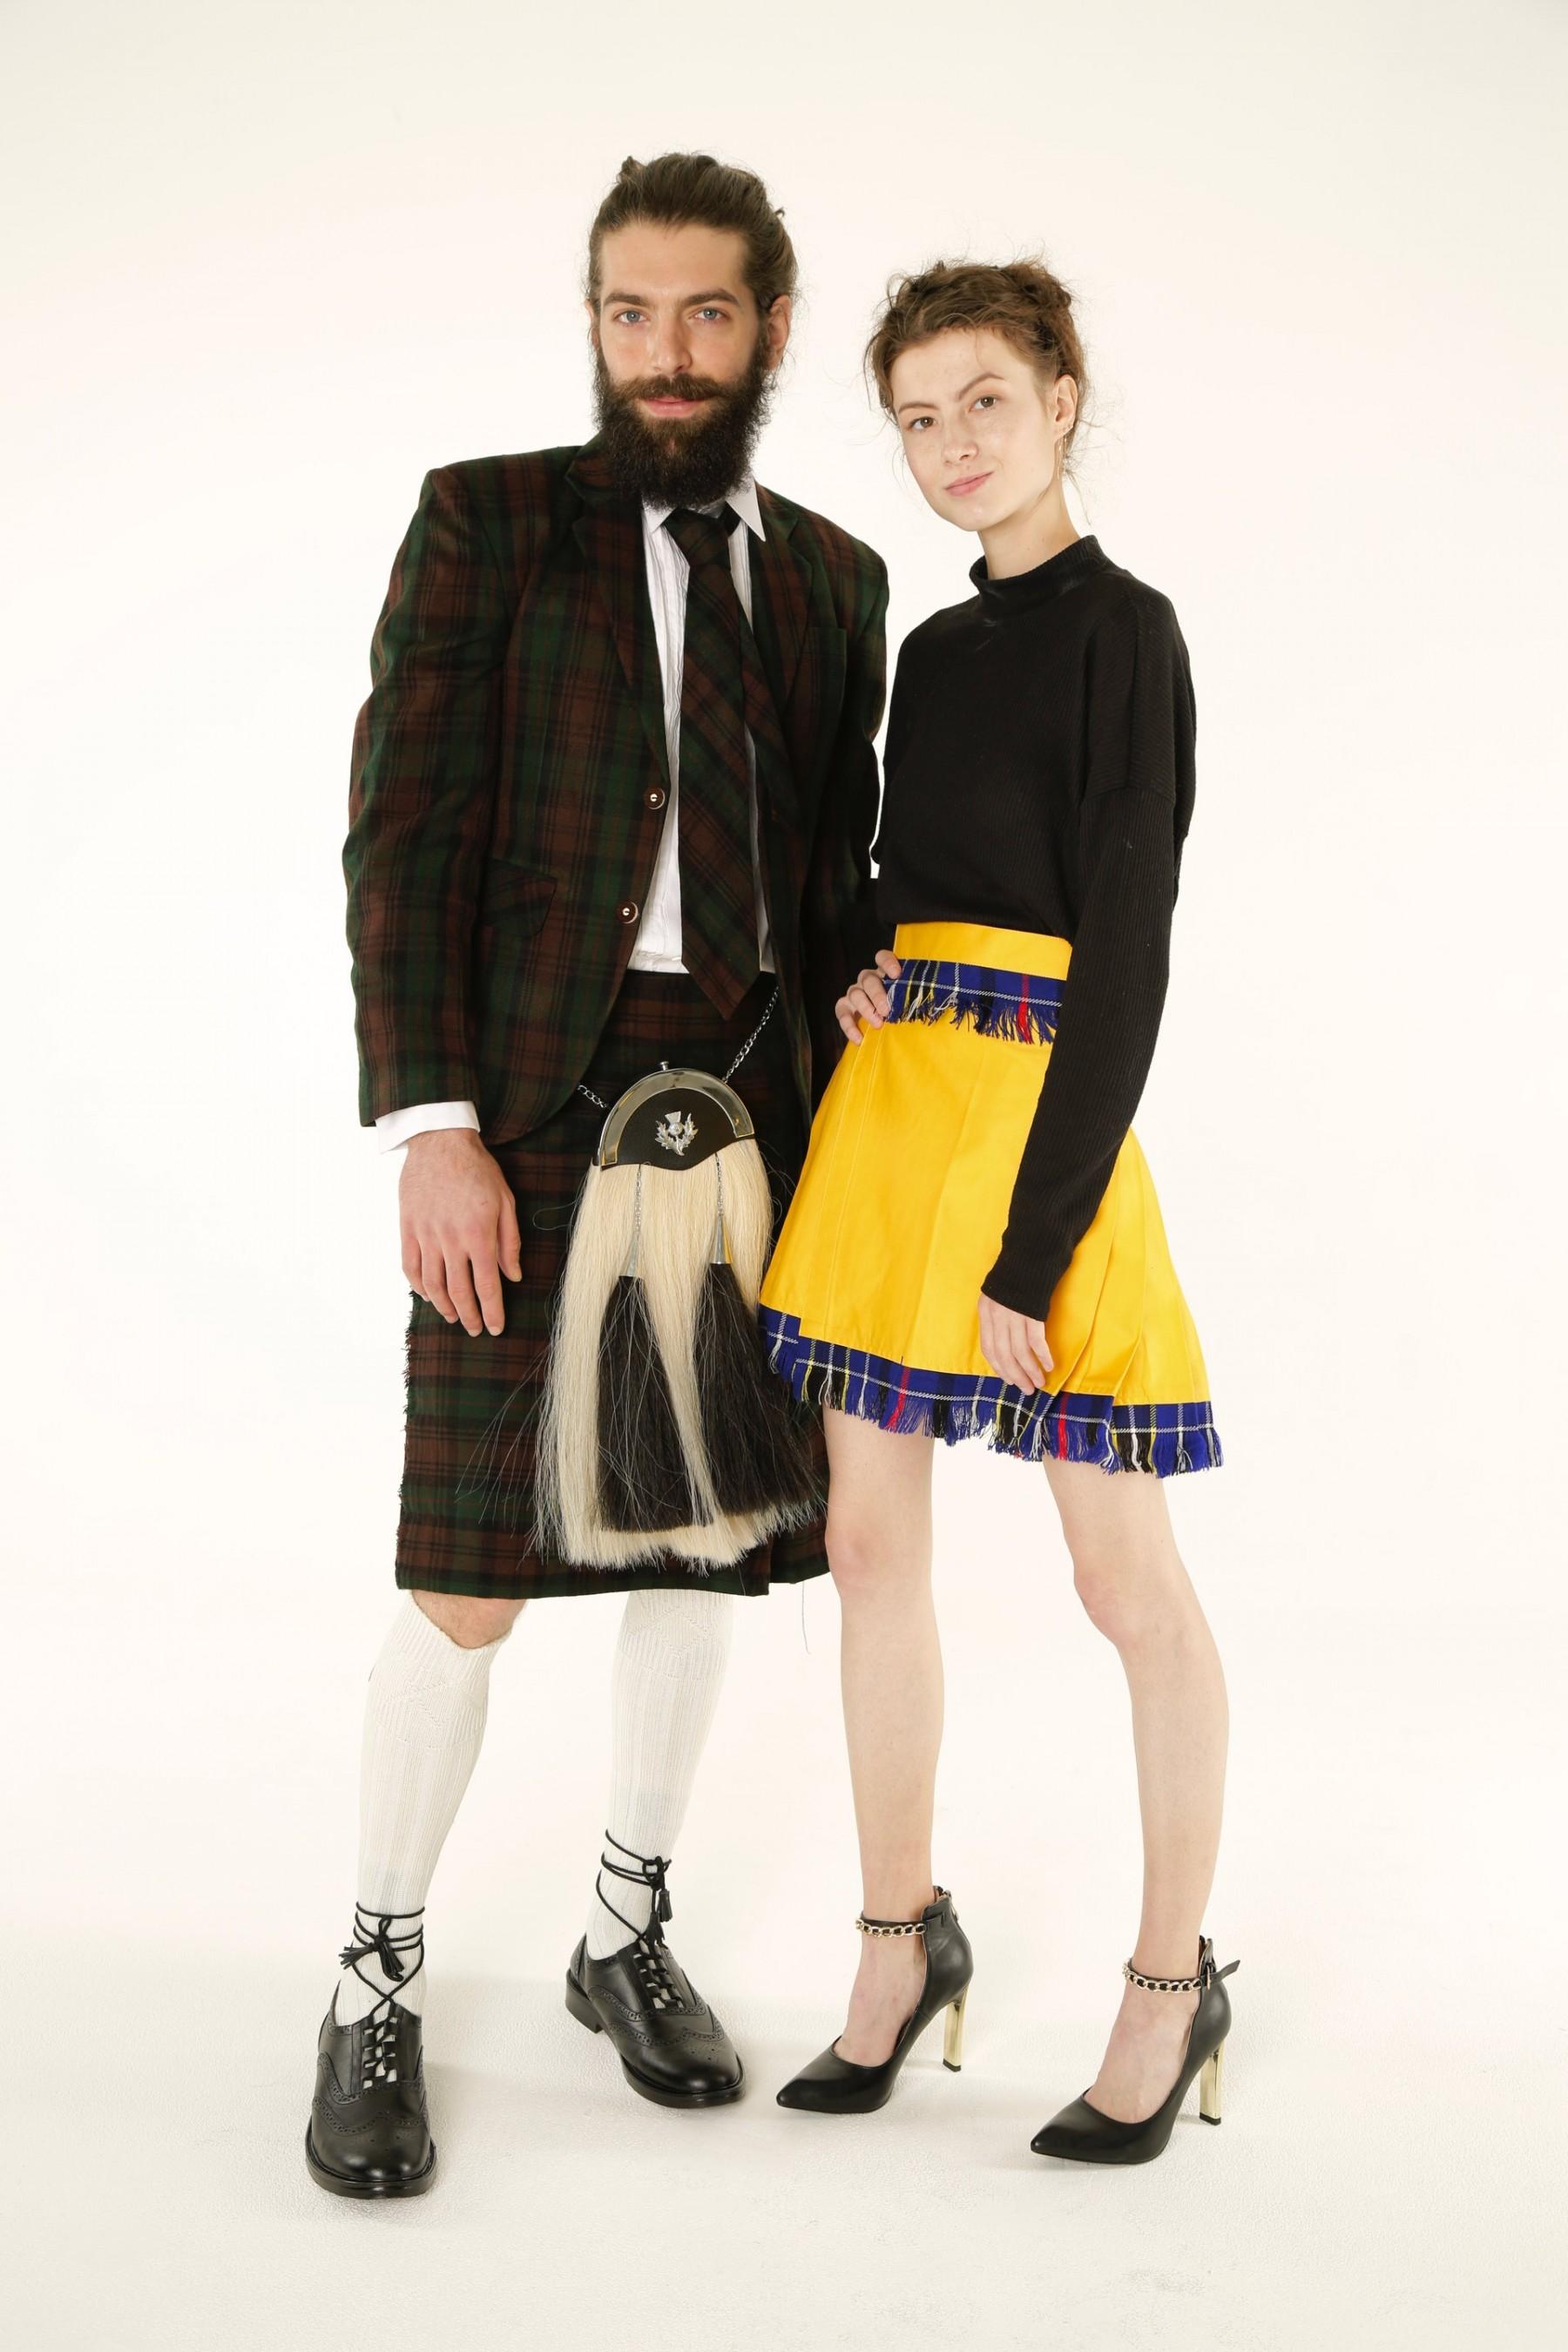 women_stylish_kilts couple